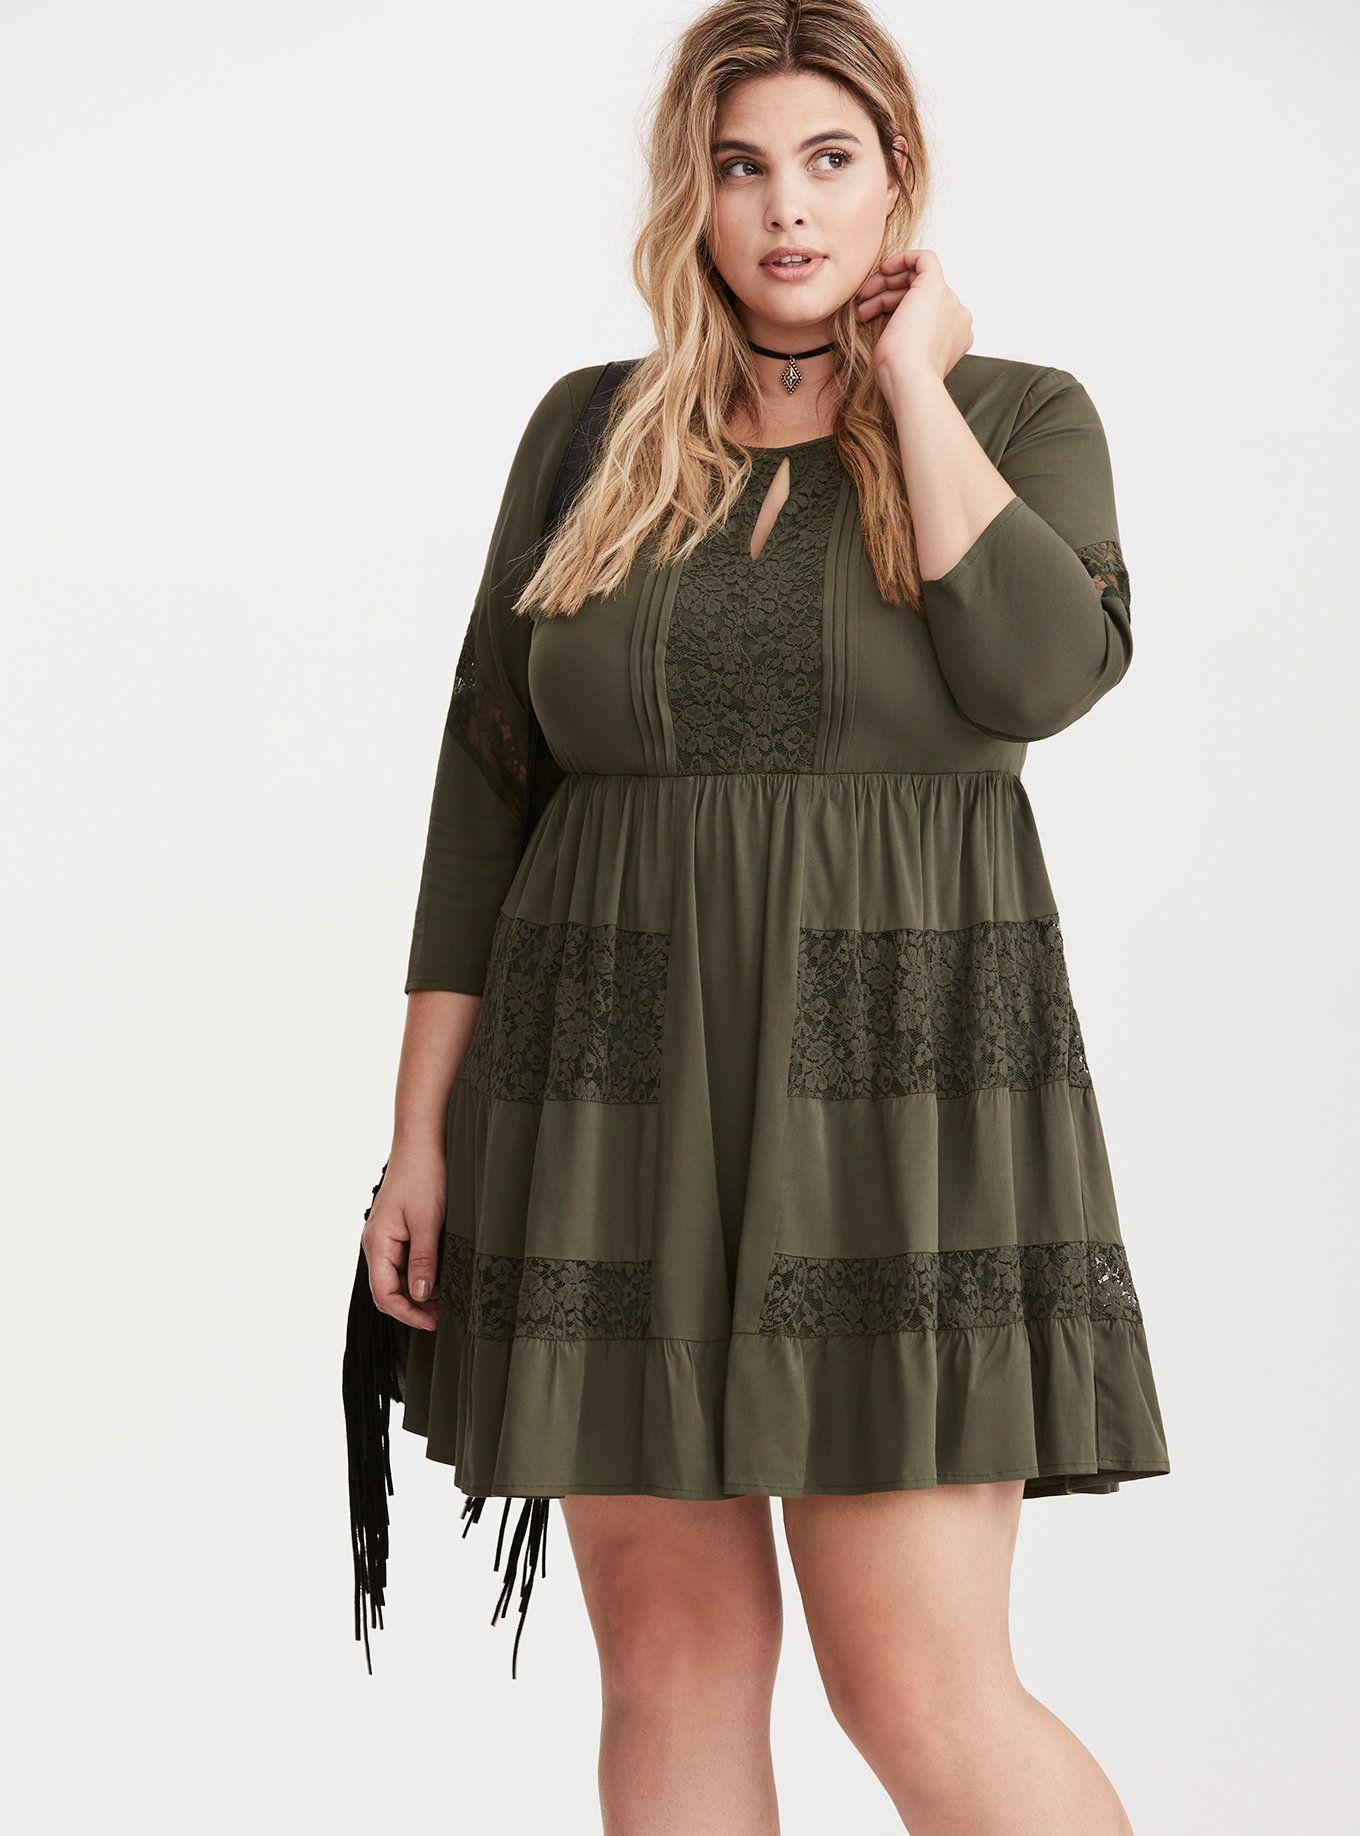 1febe2211f Lace Inset Challis Dress